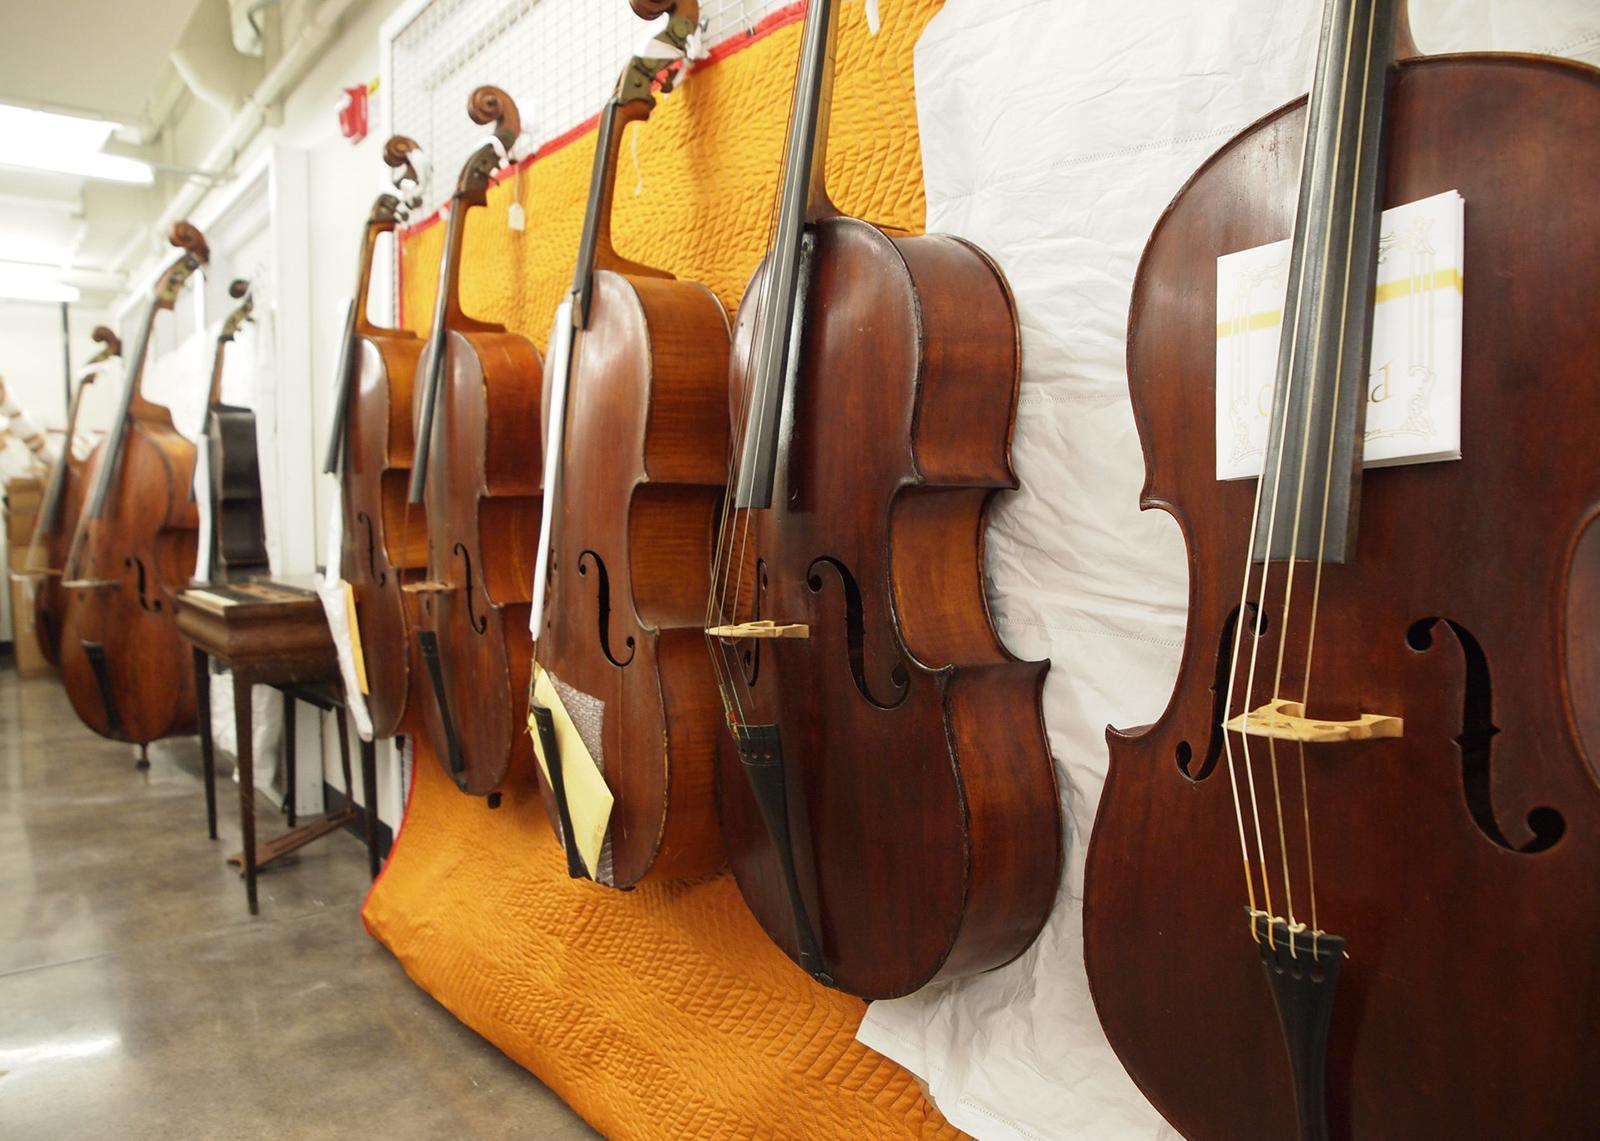 Several cellos are exhibited along a corridor wall.